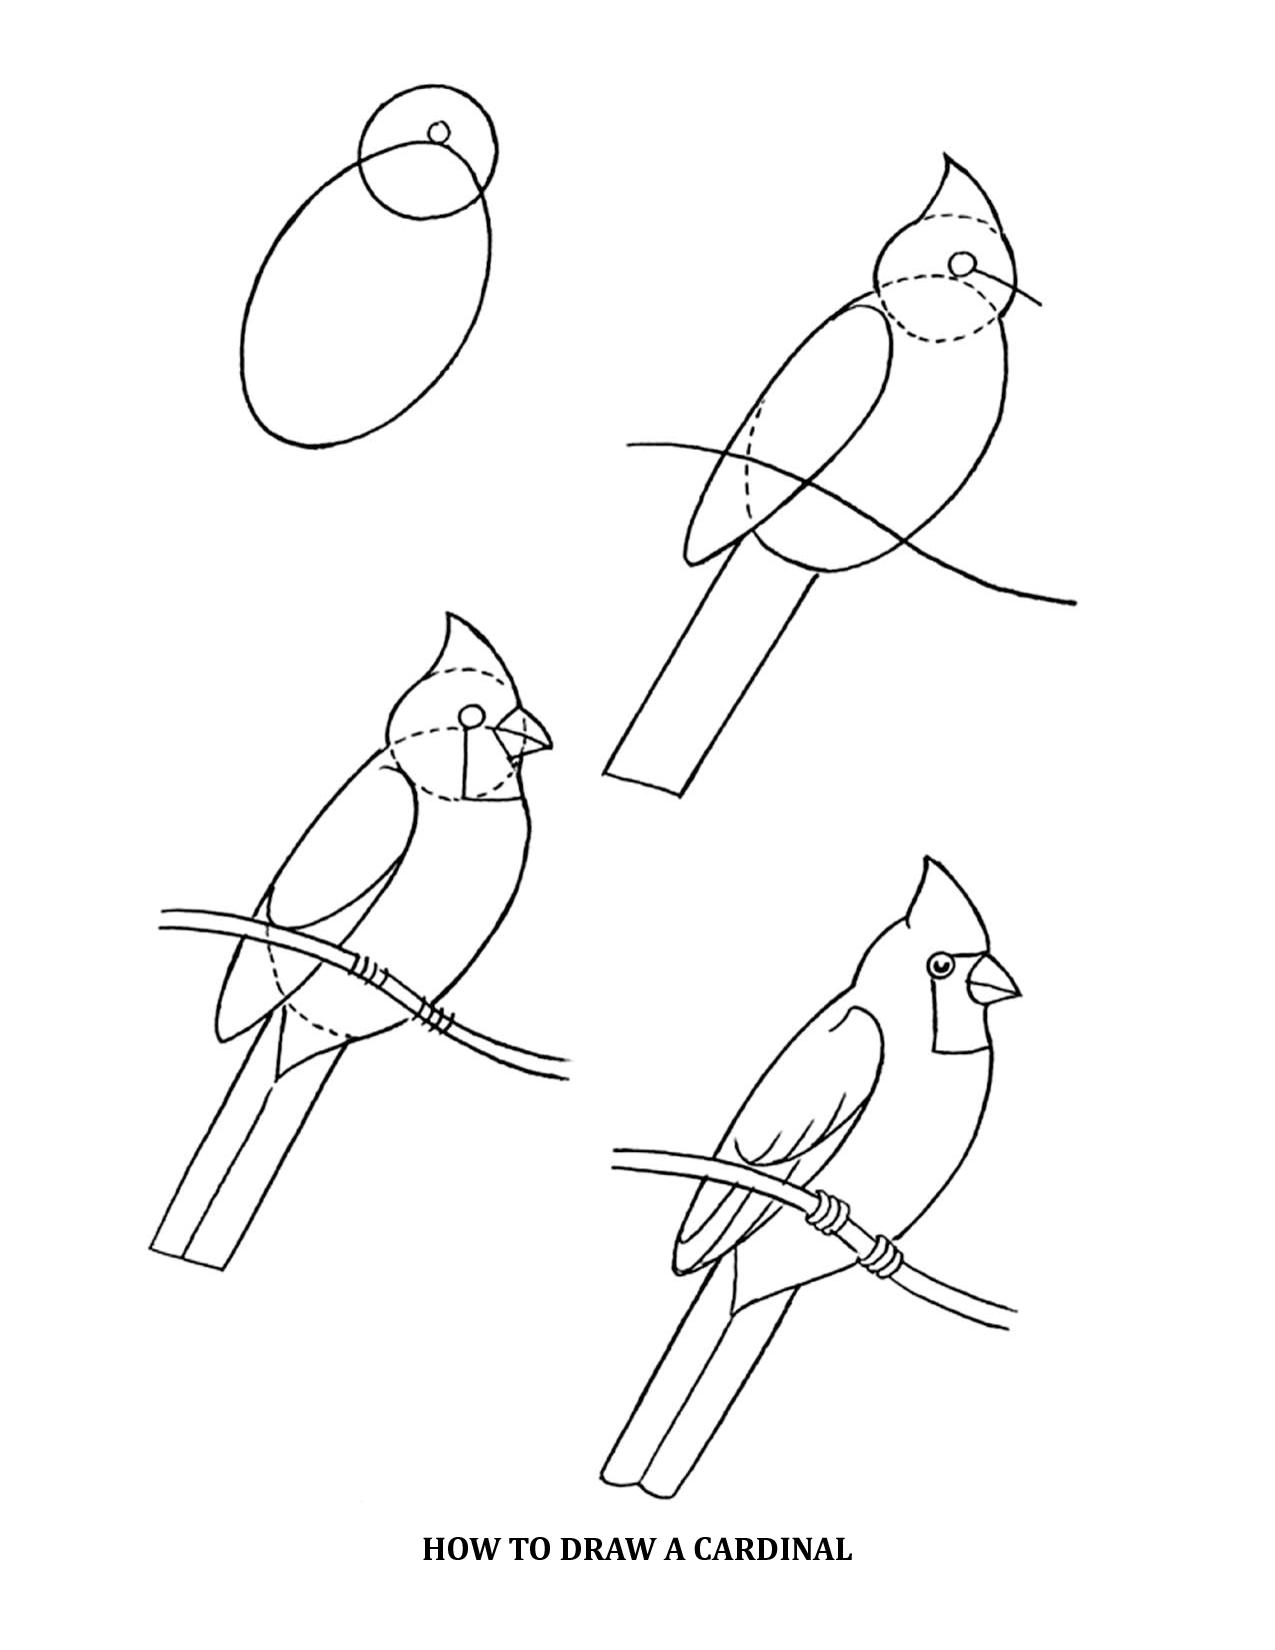 Cómo Aprender a Dibujar Cardenales (Aves). | ¿Cómo Puedo Aprender a ...